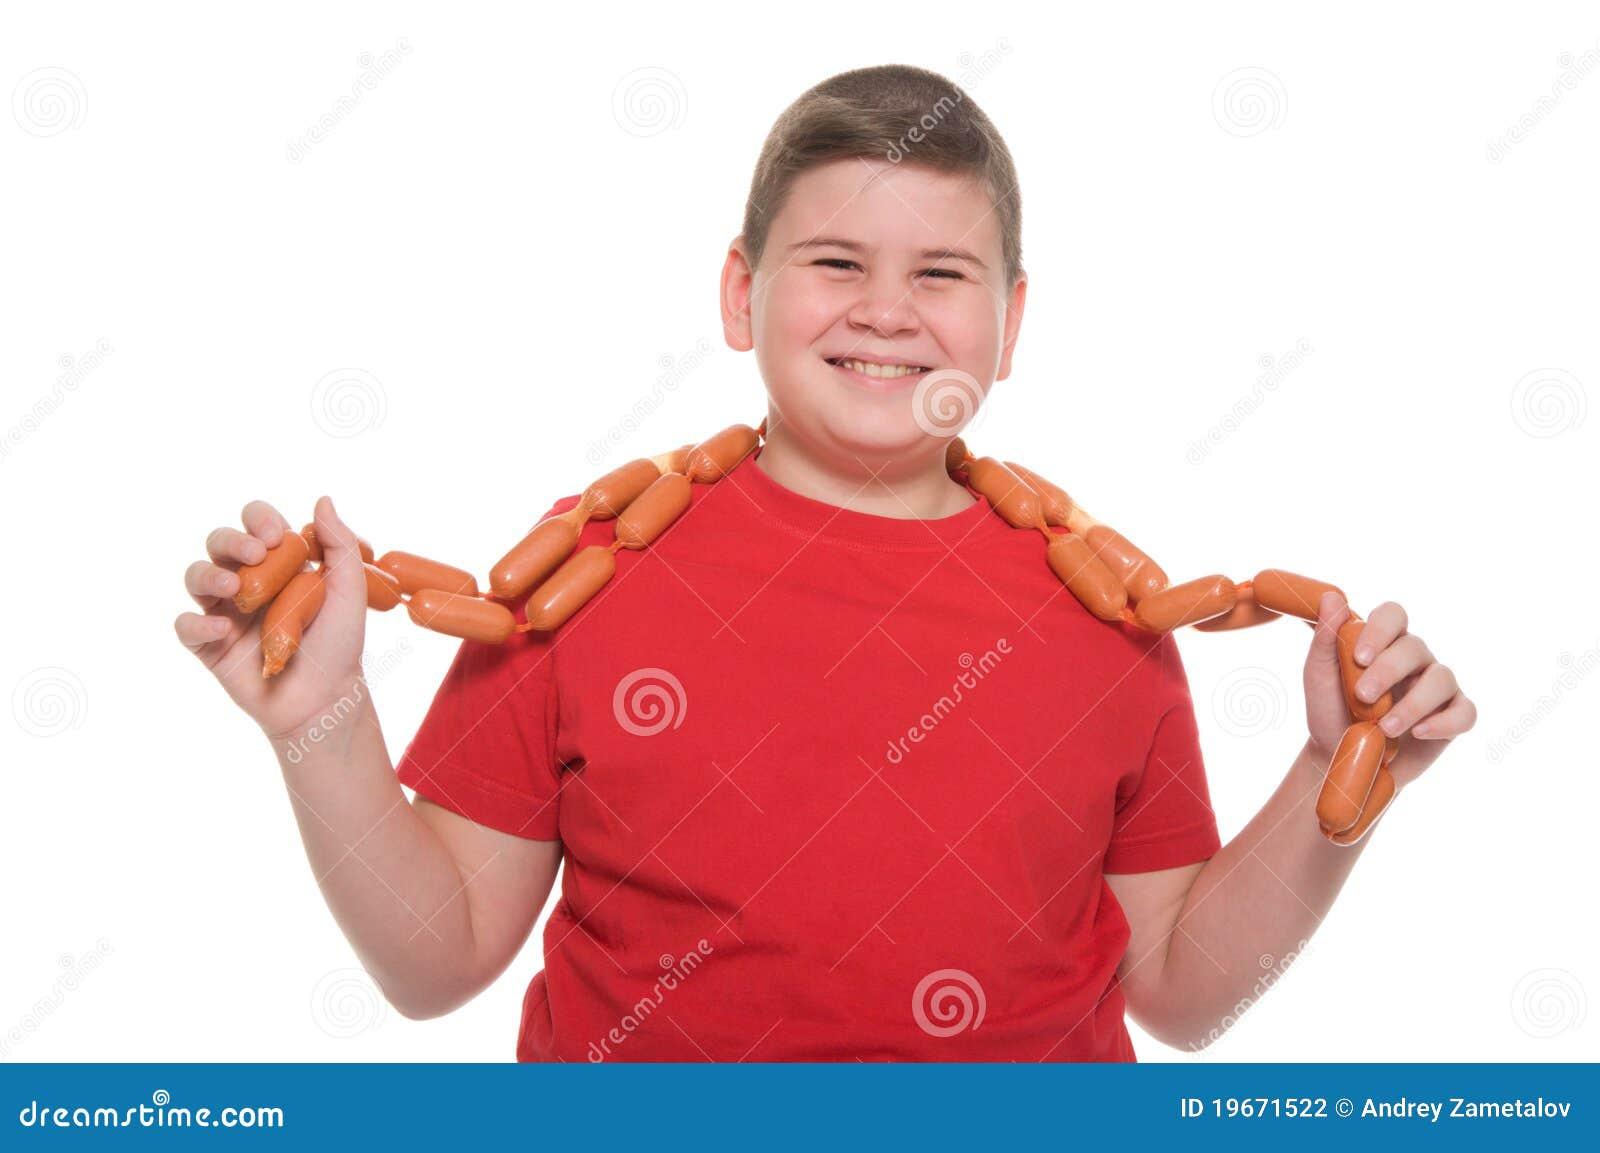 Толстая дала мальчишке 14 фотография